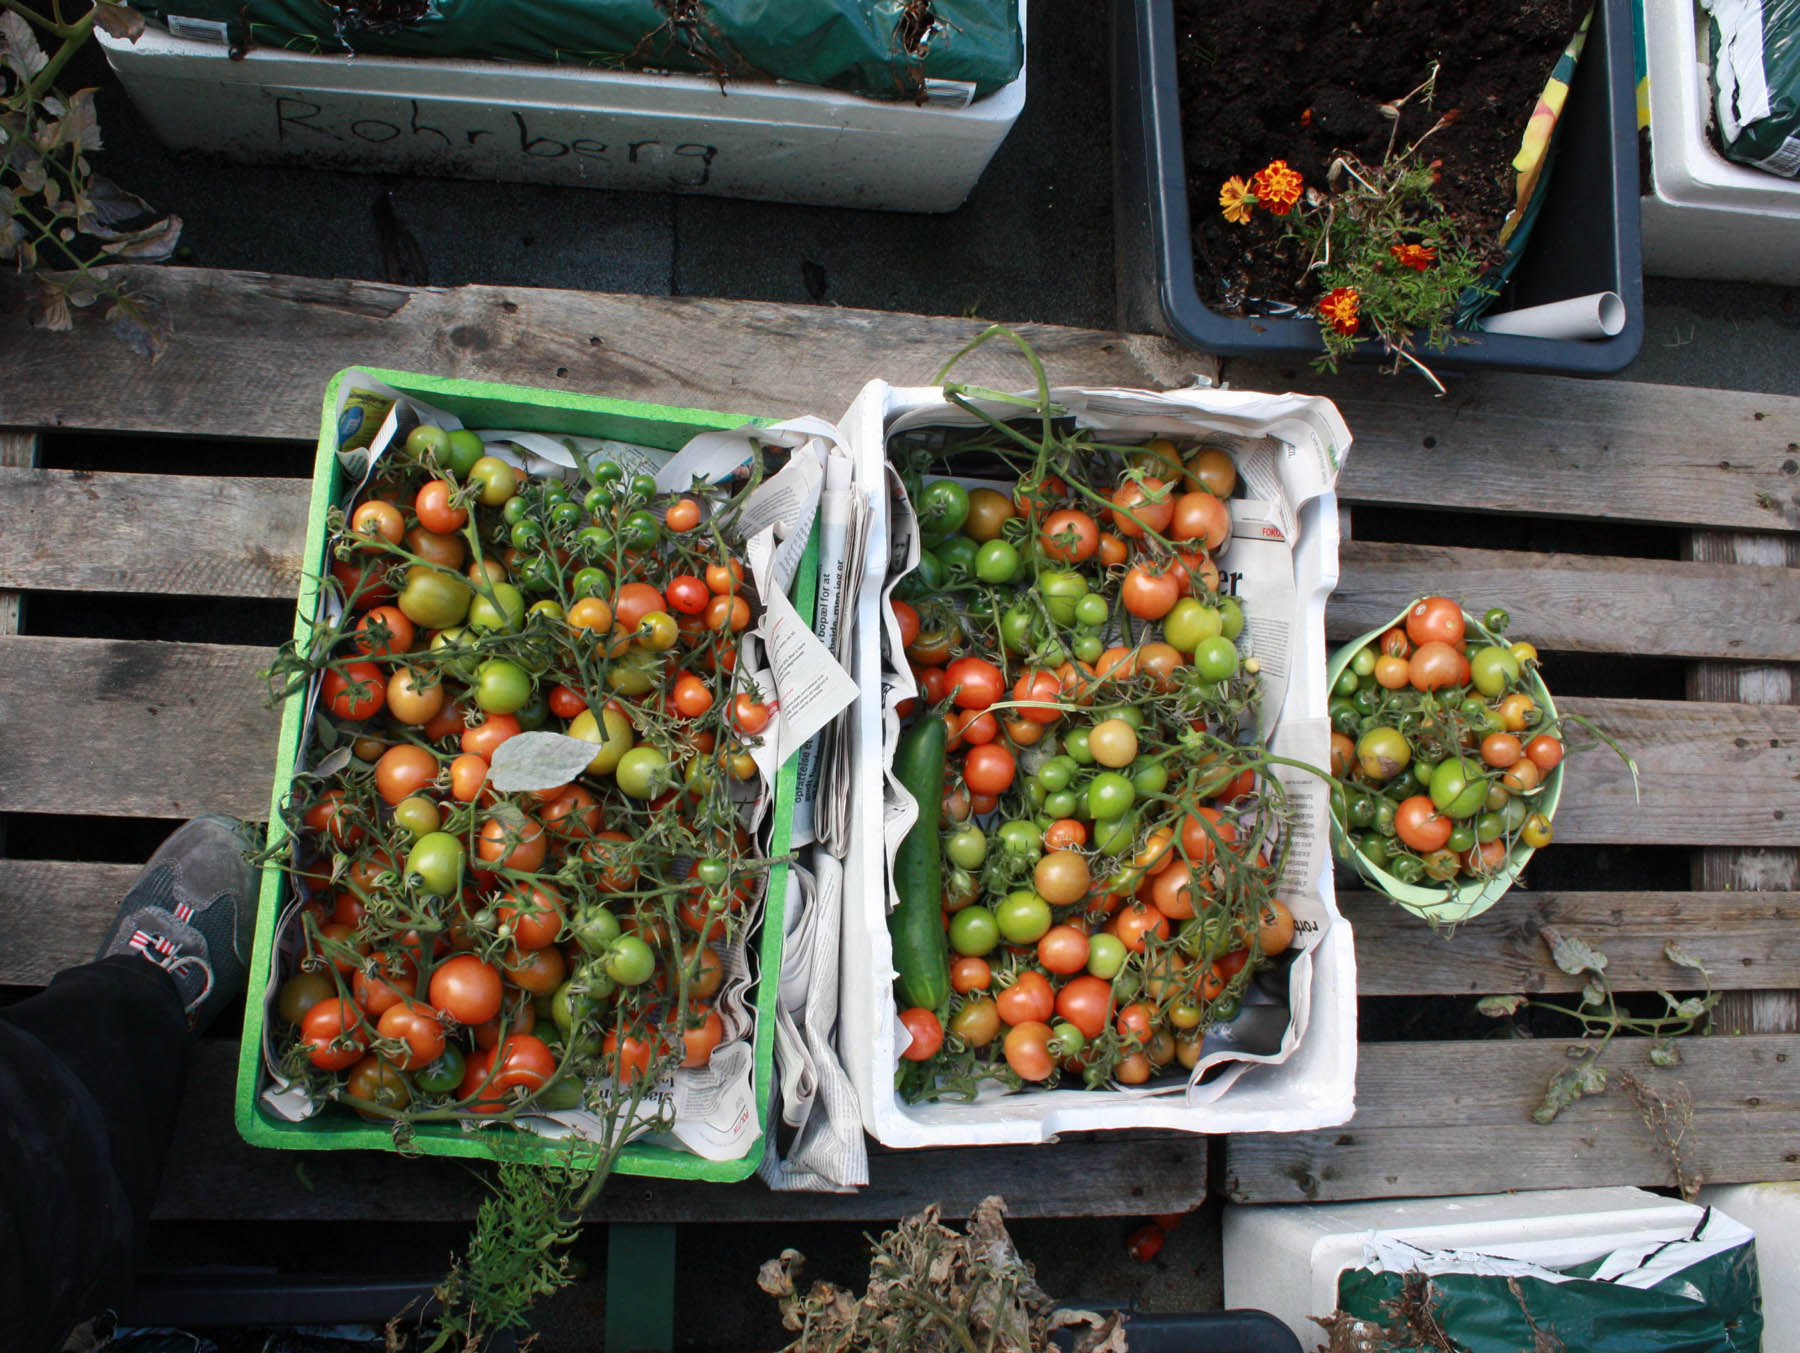 Årets sidste høst af to kasser tomater|||